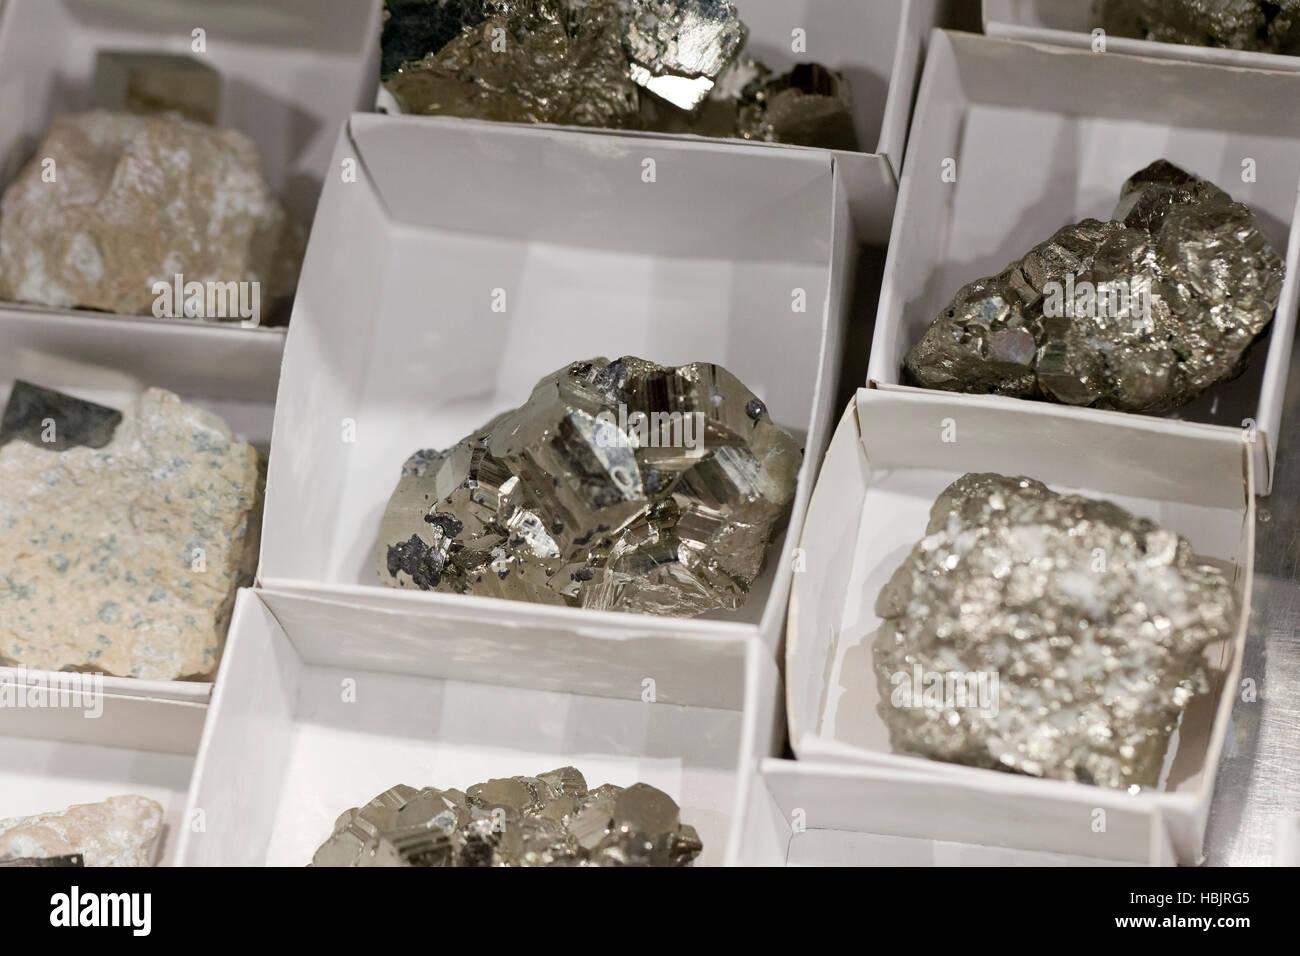 Cubi di pirite solido esemplari di cluster - USA Immagini Stock